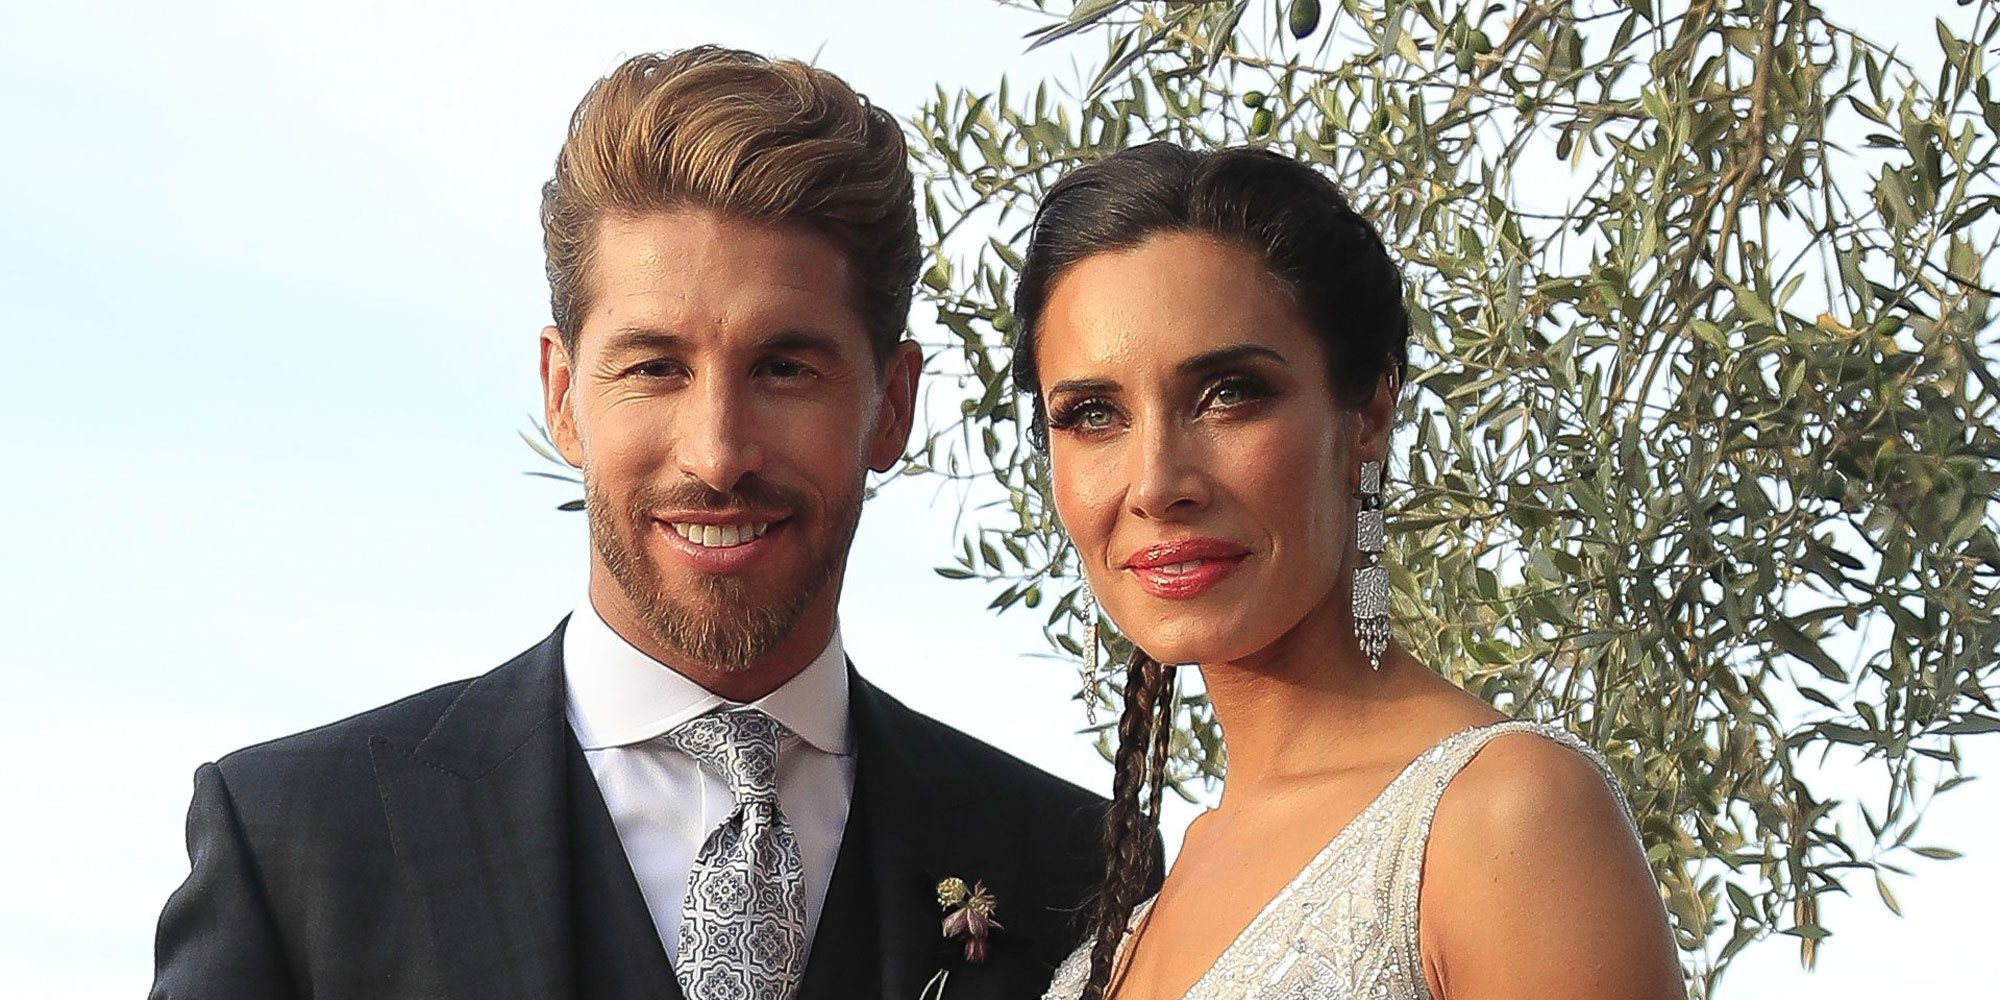 Pilar Rubio y Sergio Ramos celebran su primer aniversario enseñando fotos inéditas de su boda